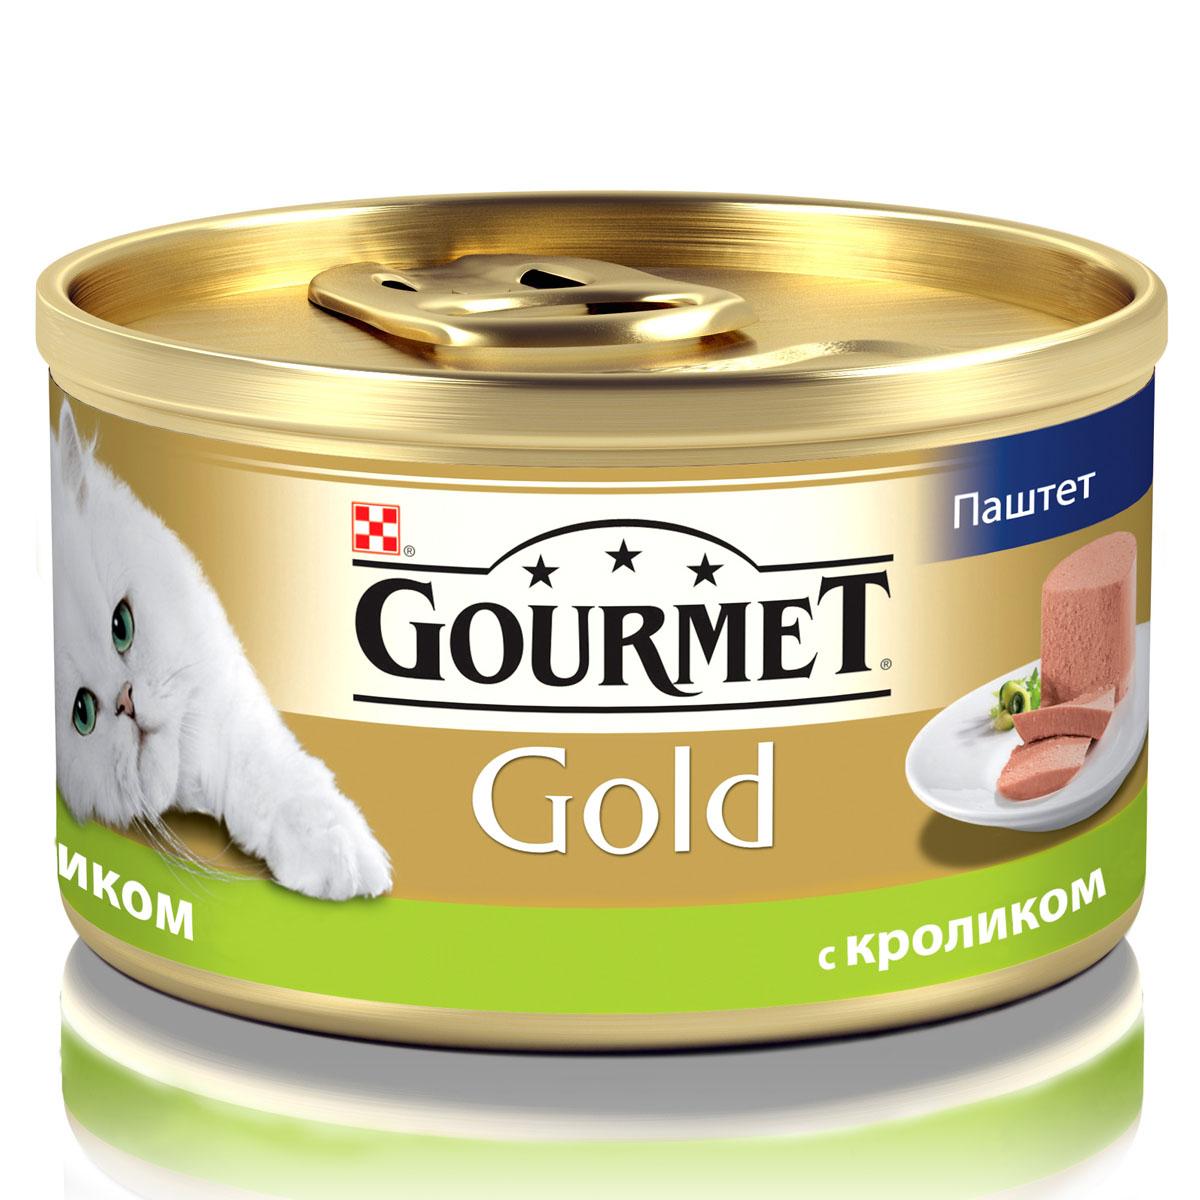 Консервы для кошек Gourmet Gold, паштет с кроликом, 85 г12182548Корм Gourmet Gold консервированный полнорационный для взрослых кошек. Рекомендации по кормлению: кормите кошку 2 раза в день из расчета 4 банки в день. Индивидуальные потребности животного могут отличаться, поэтому норма кормления должна быть скорректирована для поддержания оптимального веса вашей кошки. Для беременных и кормящих - кормление без ограничений. Давайте корм комнатной температуры. Следите, чтобы у вашей кошки всегда была чистая, свежая питьевая вода. Хранить в сухом прохладном месте. Состав: мясо и мясные субпродукты (из которых кролика 4%), минеральные вещества, сахар, витамины, продукты переработки злаков. Гарантируемые показатели: влажность 77,5%, белок 11,0%, жир 7,0%, сырая зола 3,0%, сырая клетчатка 0,01%. Добавленные вещества МЕ/кг: Витамин А: 1640; витамин D3: 255. мг/кг: железо: 11,4; йод: 0,28; медь: 1,0; марганец: 2,2; цинк: 11,3. Вес: 85 г. Товар сертифицирован.